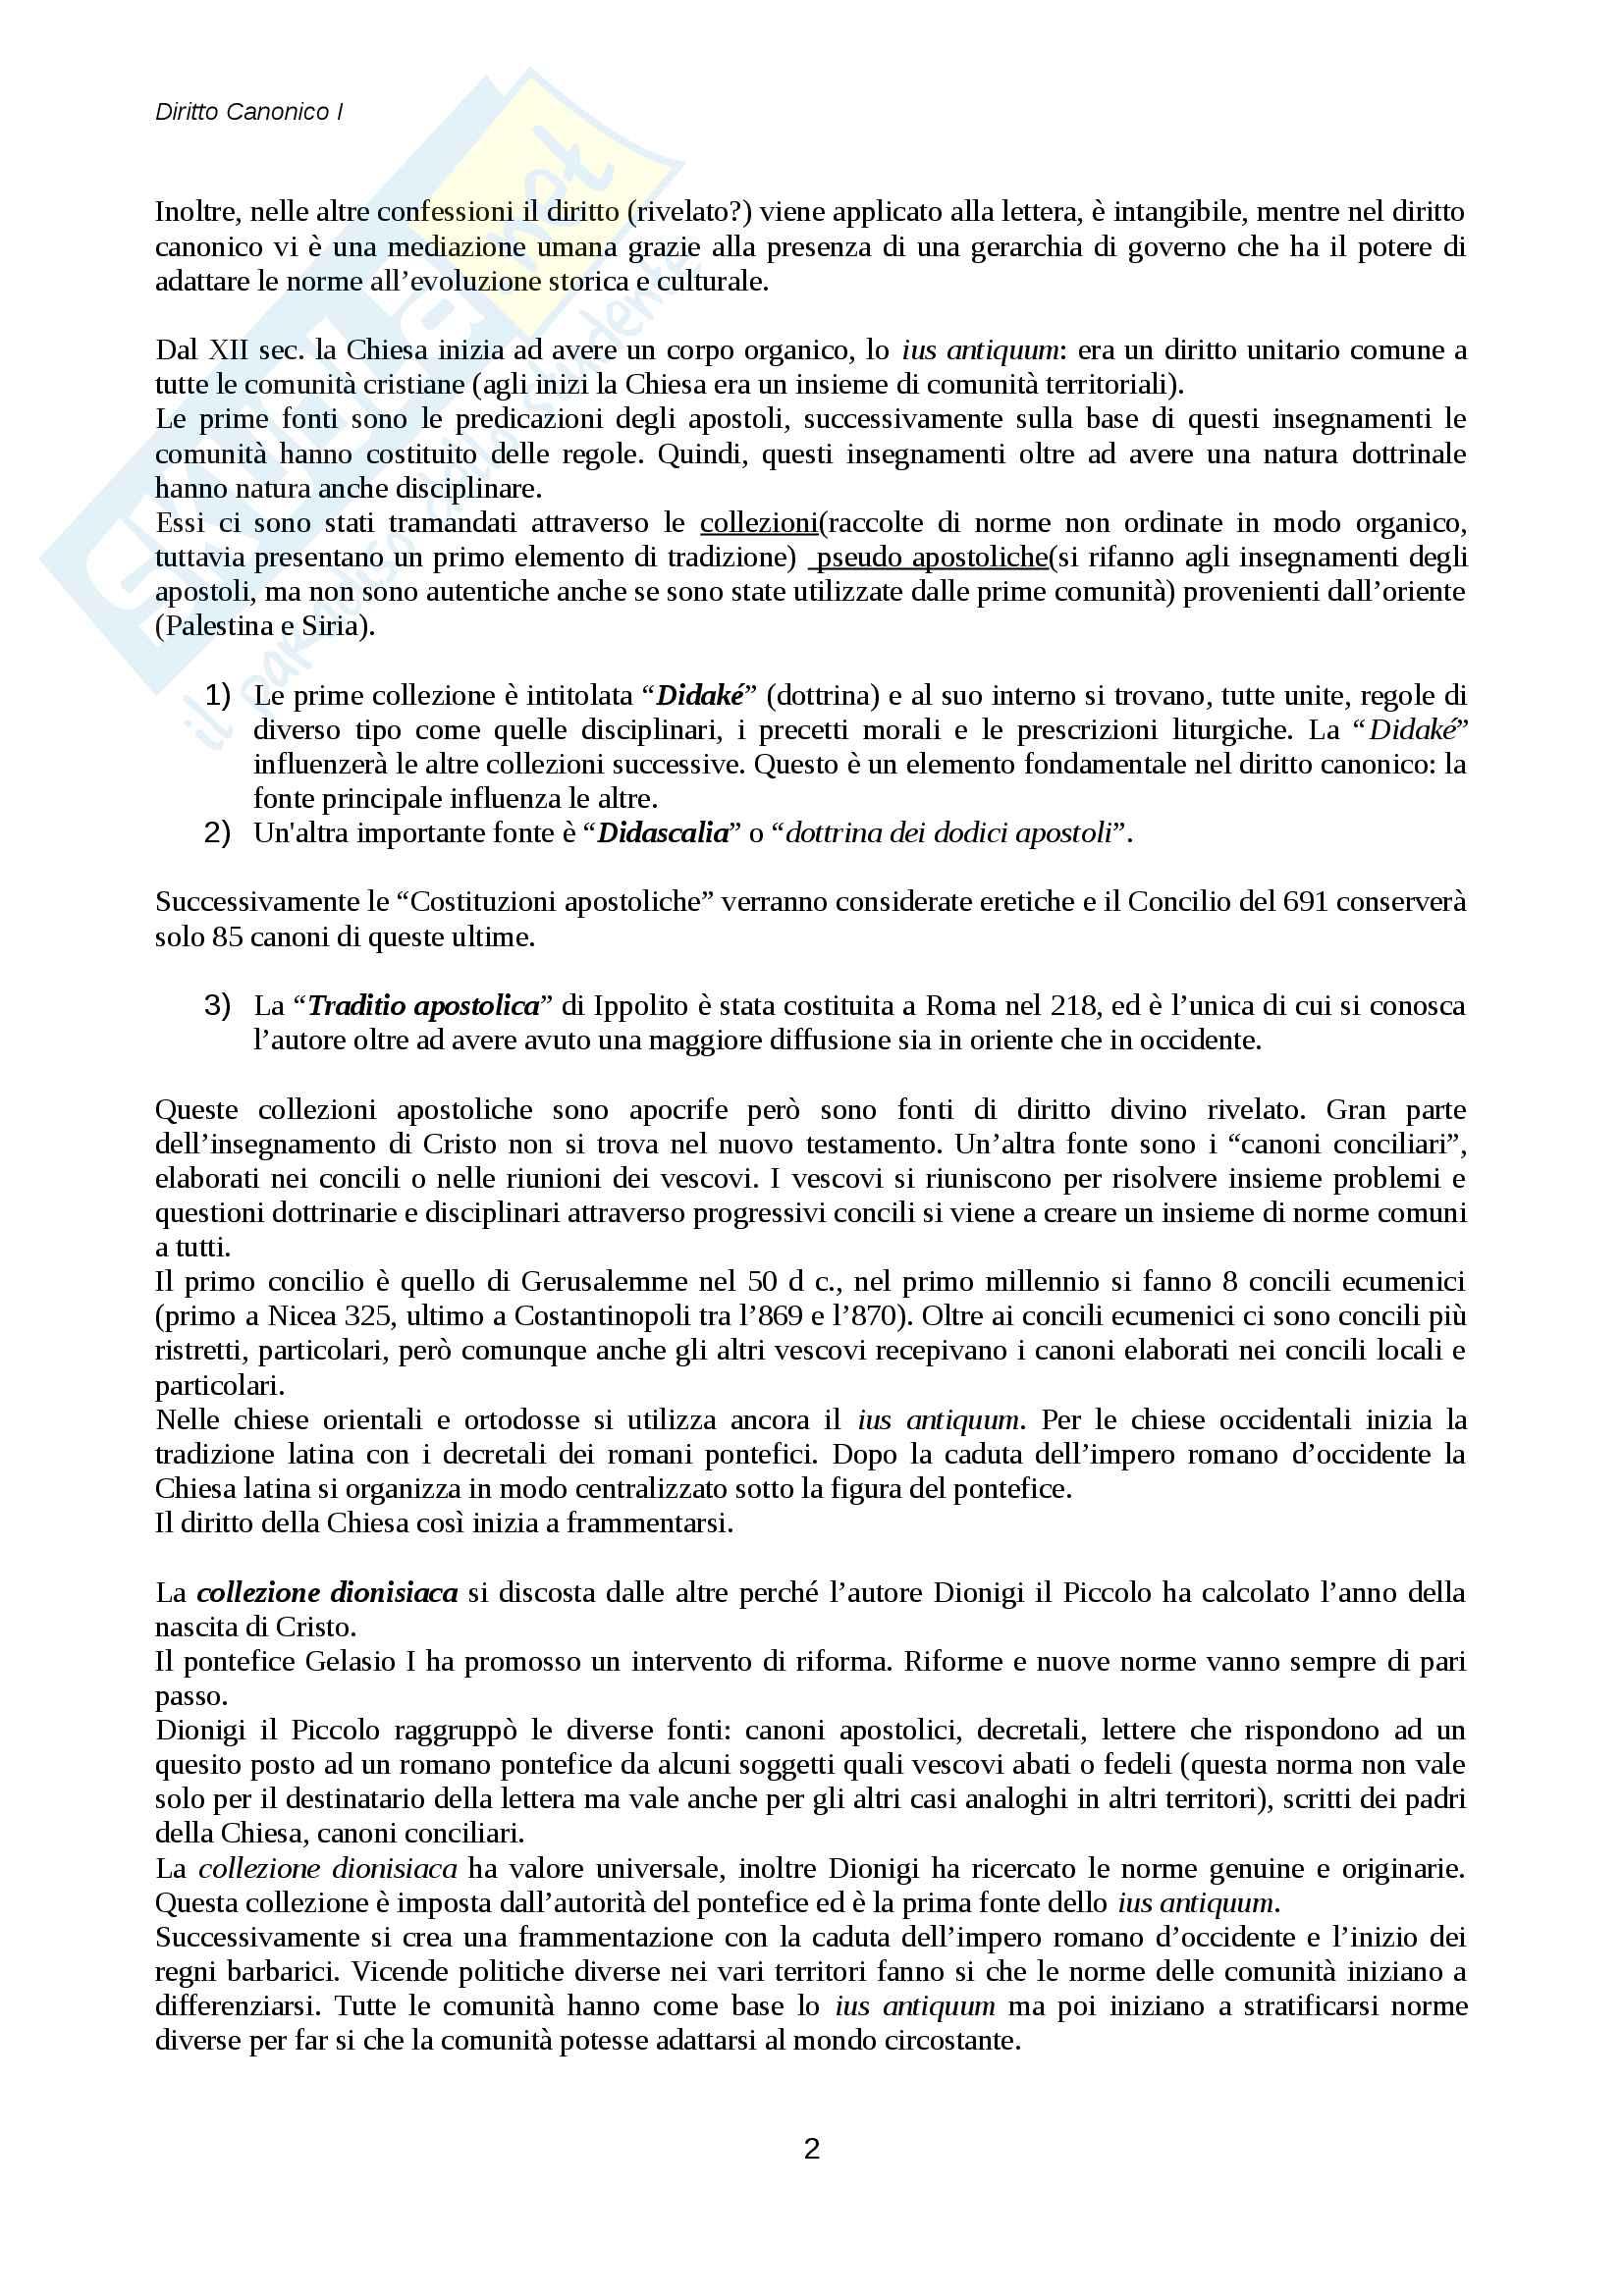 Diritto canonico Pag. 2